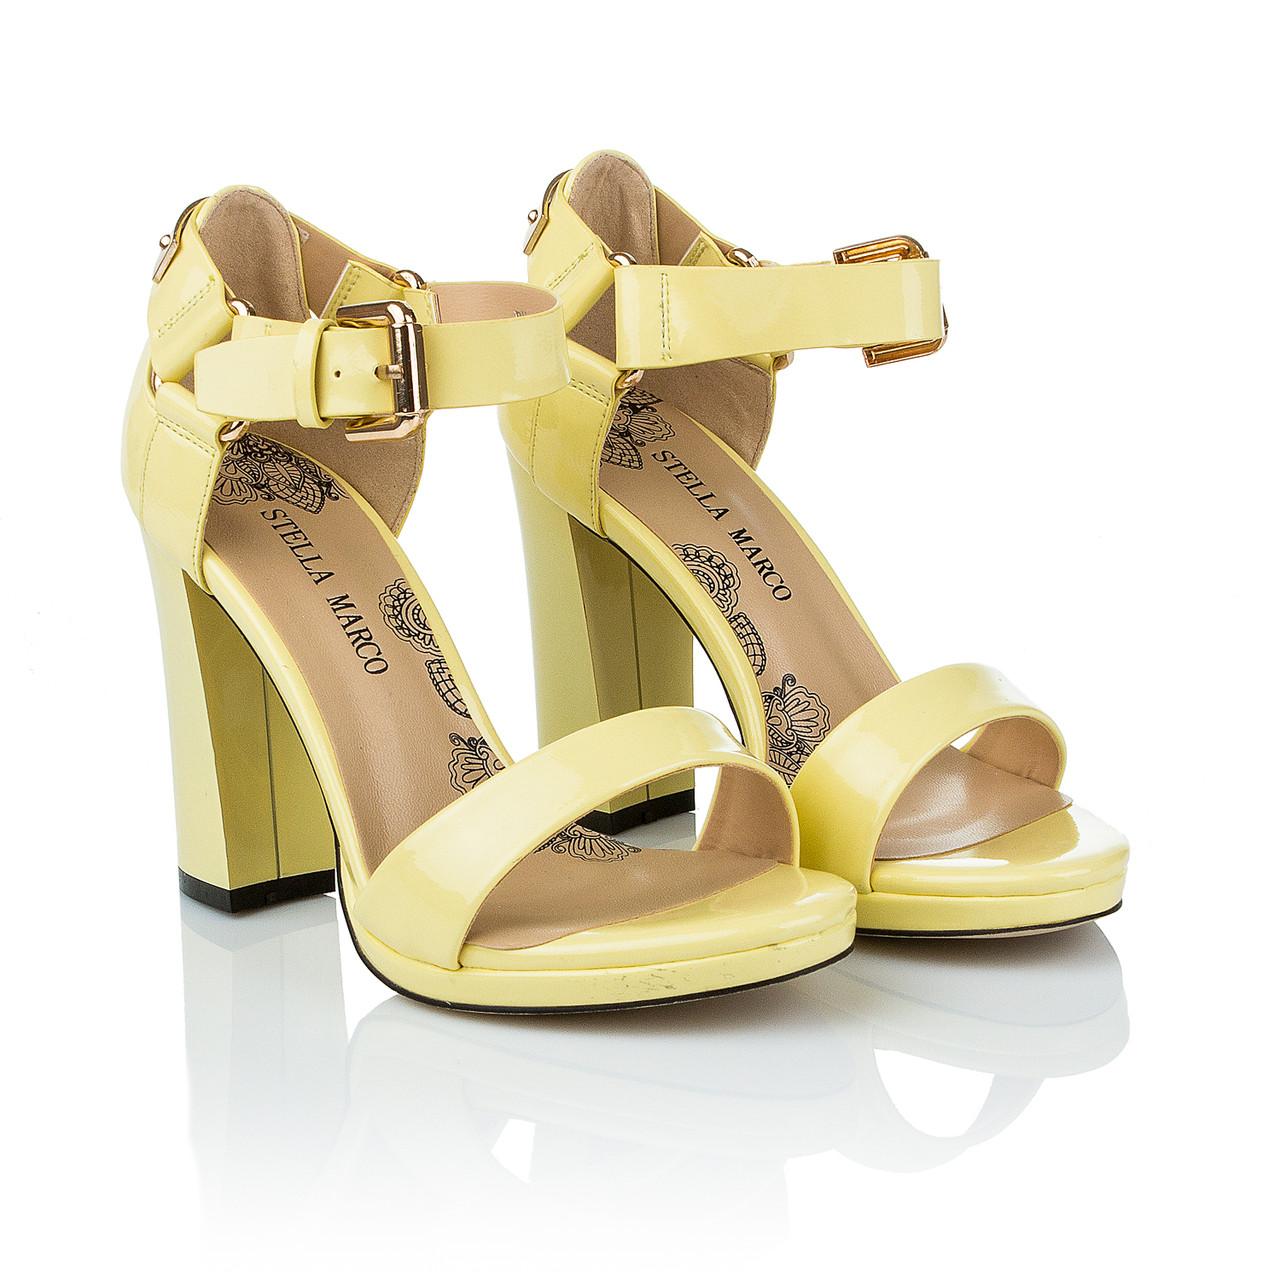 36d171d3e Желтые босоножки на каблуке Stella Marco (модные, стильный дизайн,  элегантные, оригинальные, изысканные)